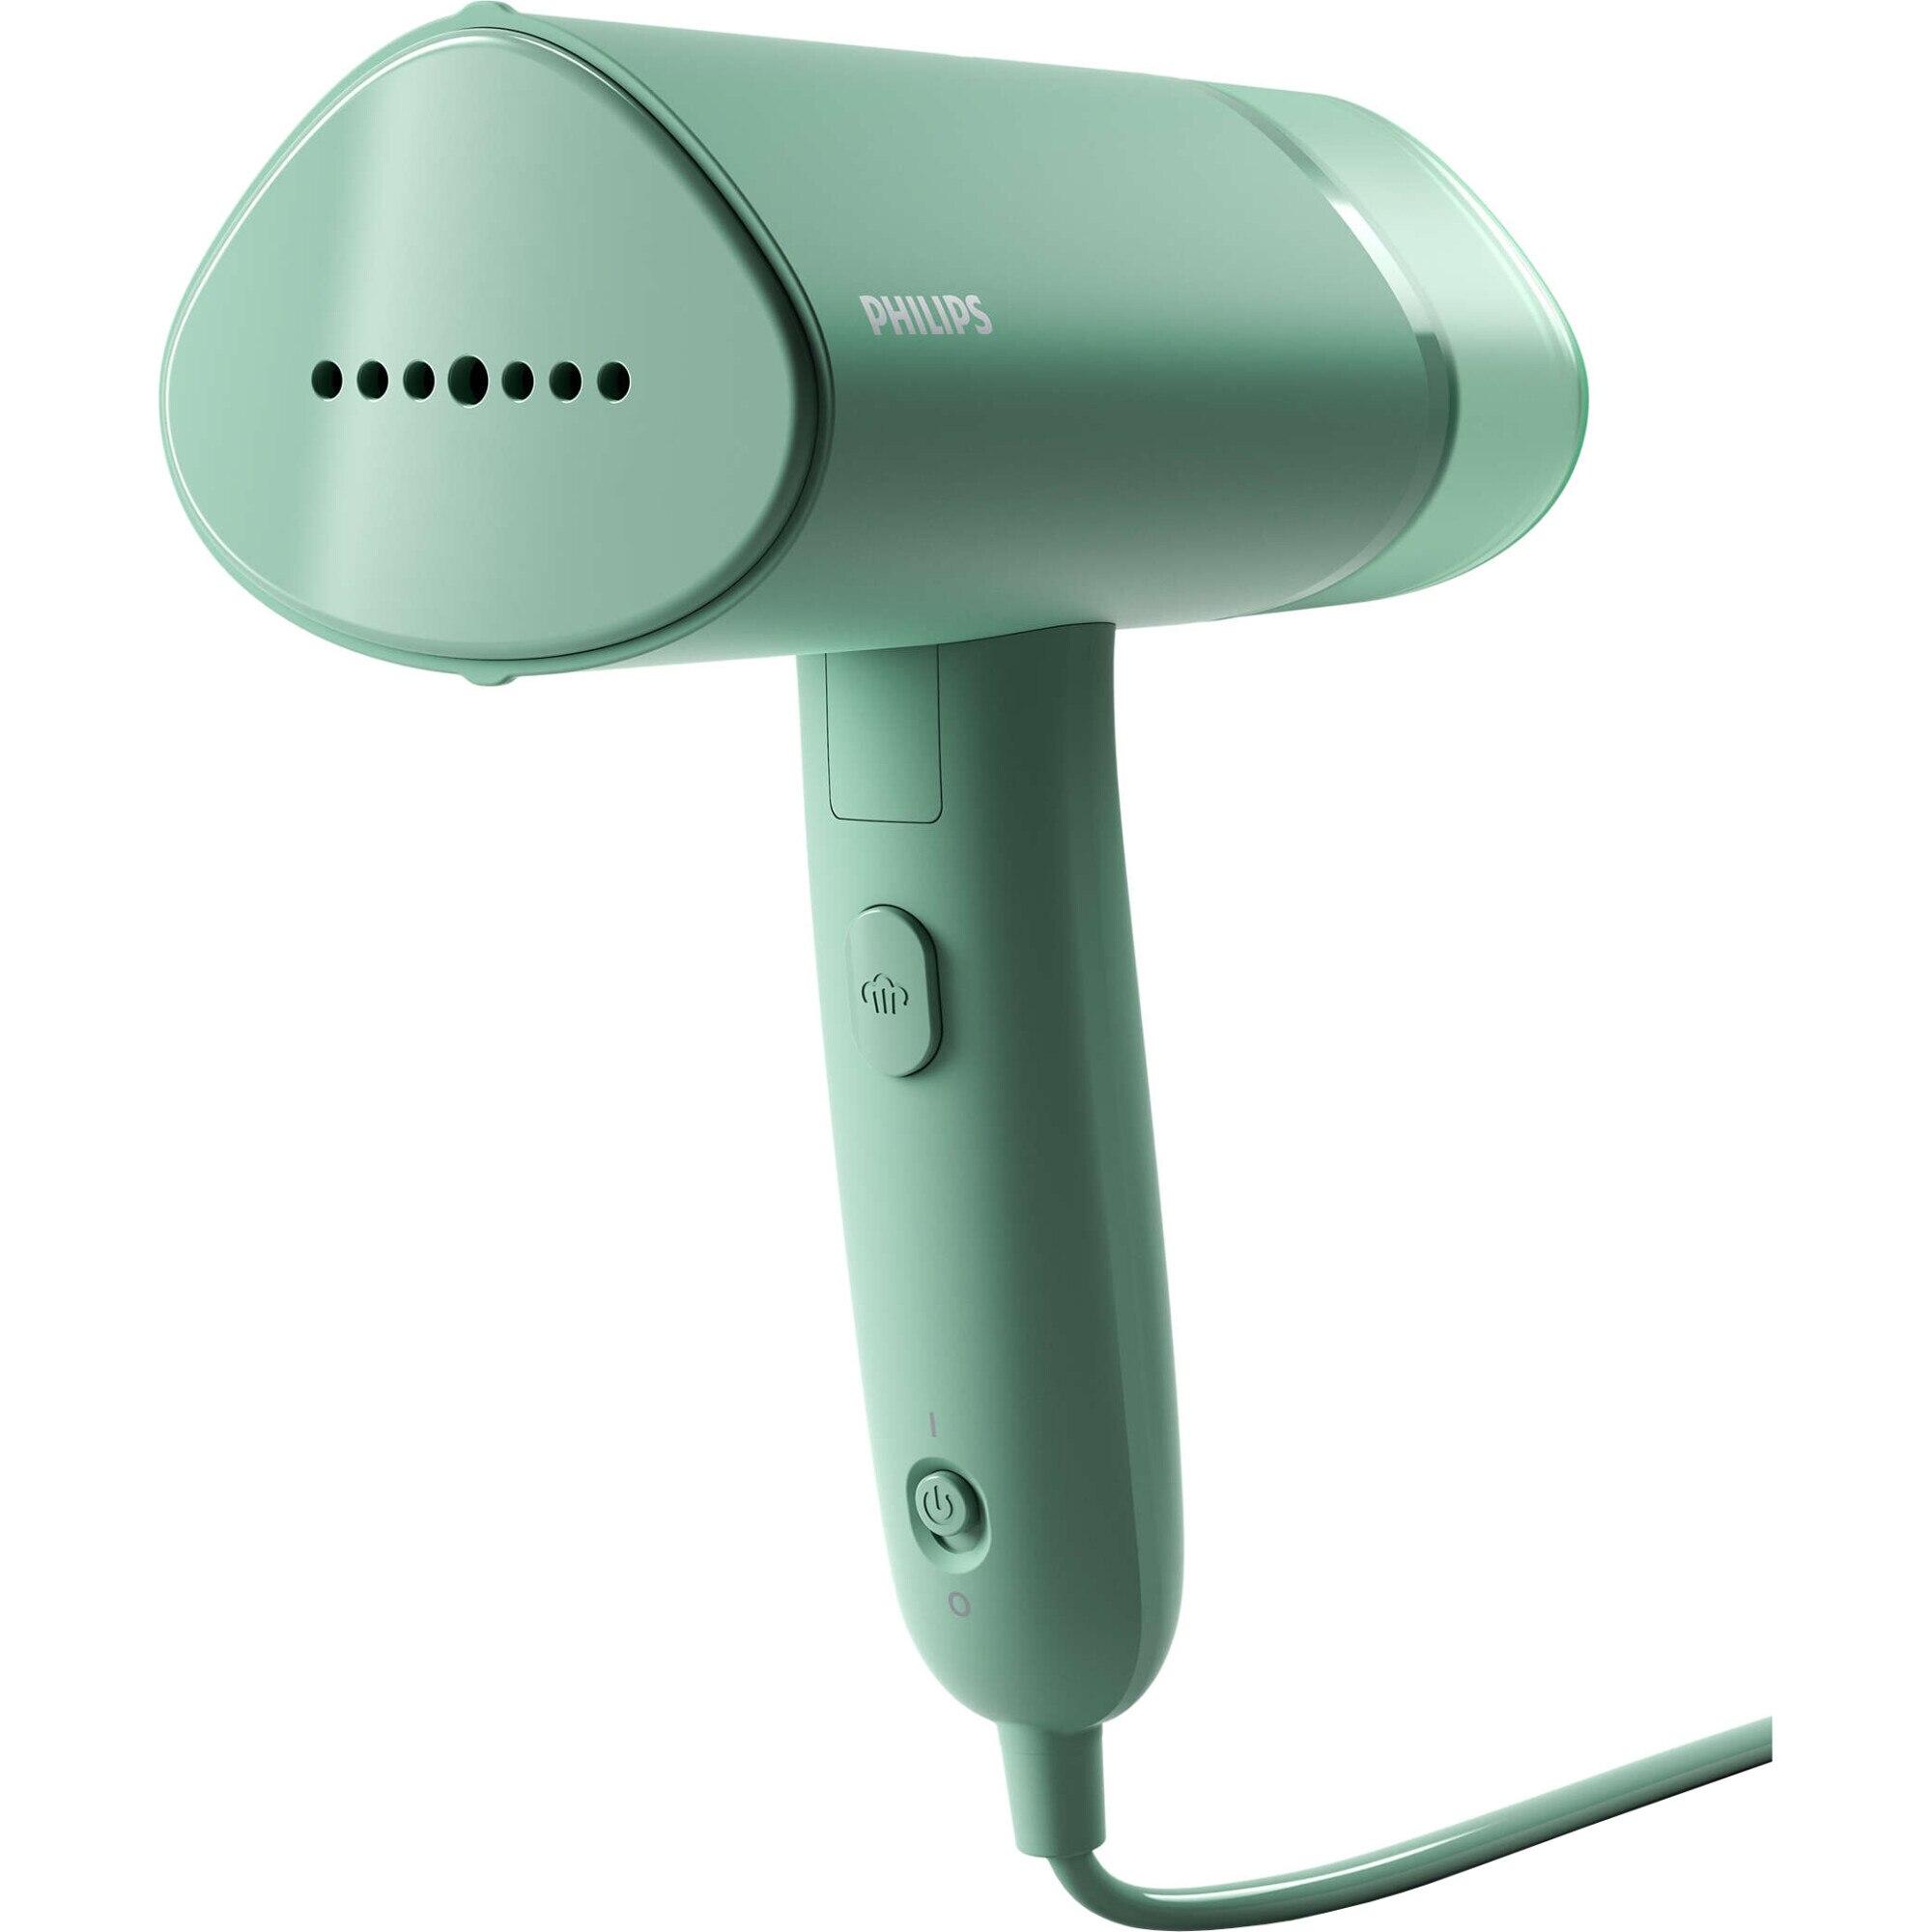 Fotografie Aparat de calcat vertical cu aburi Philips Seria 3000 STH3010/70, 1000 W, 20 g/min, compact si pliabil, rezervor detasabil 100 ml, husa, Turcoaz